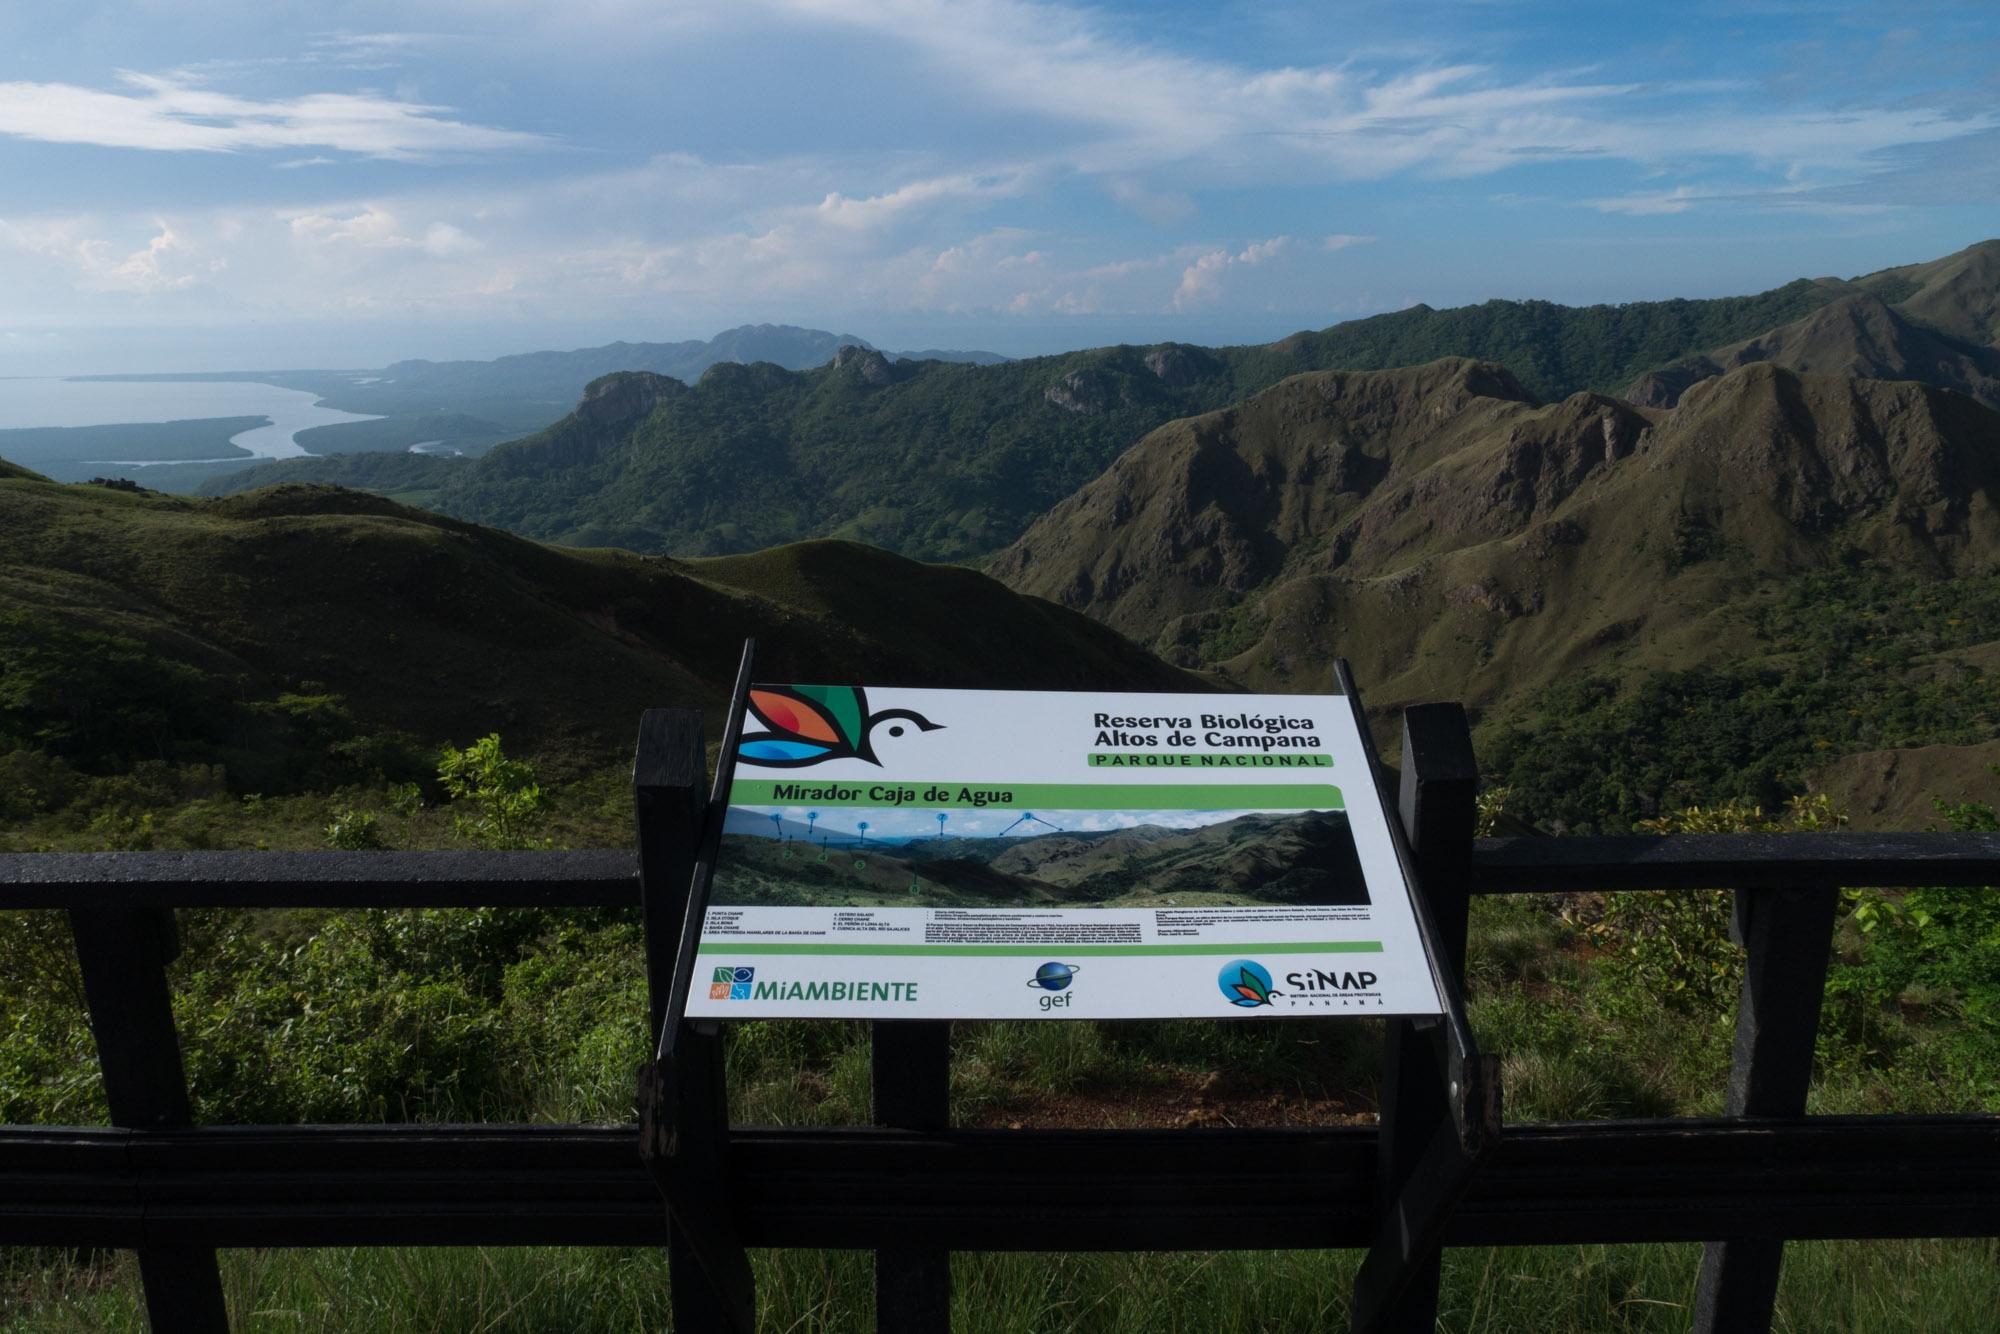 Mirador Caja de Agua en el parque nacional Altos de Campana, Panamá